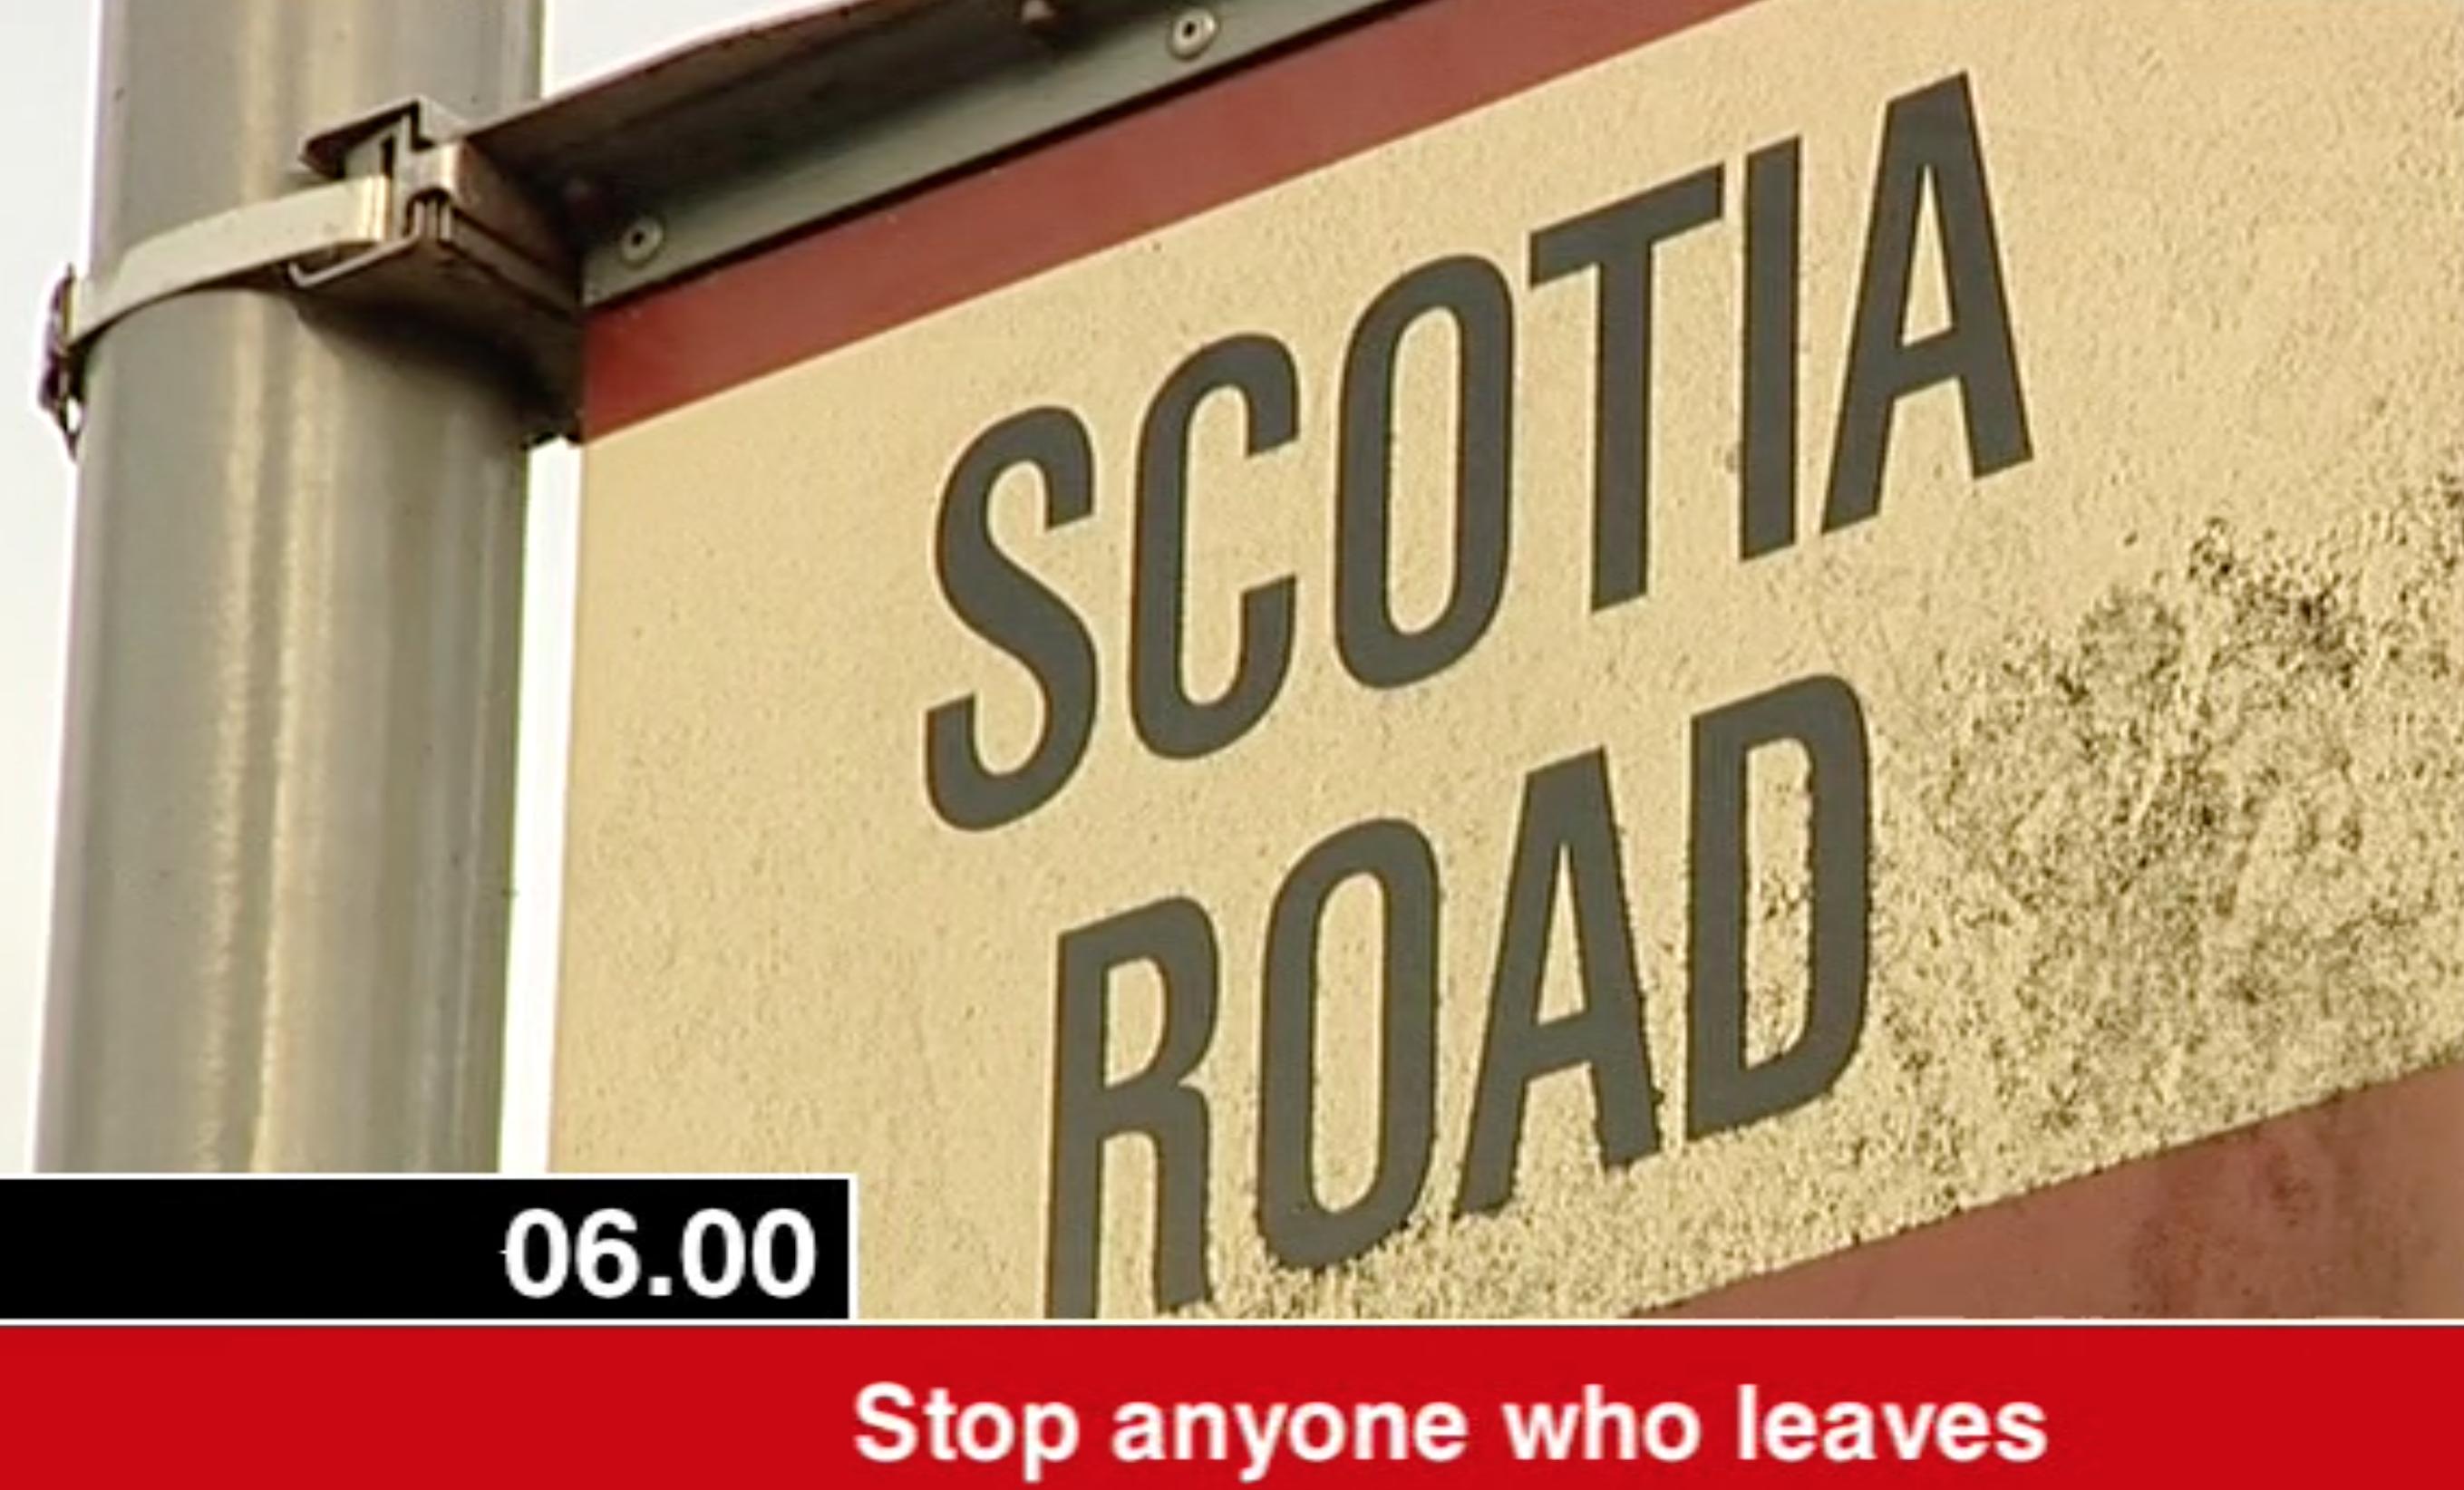 Scotia Road road sign